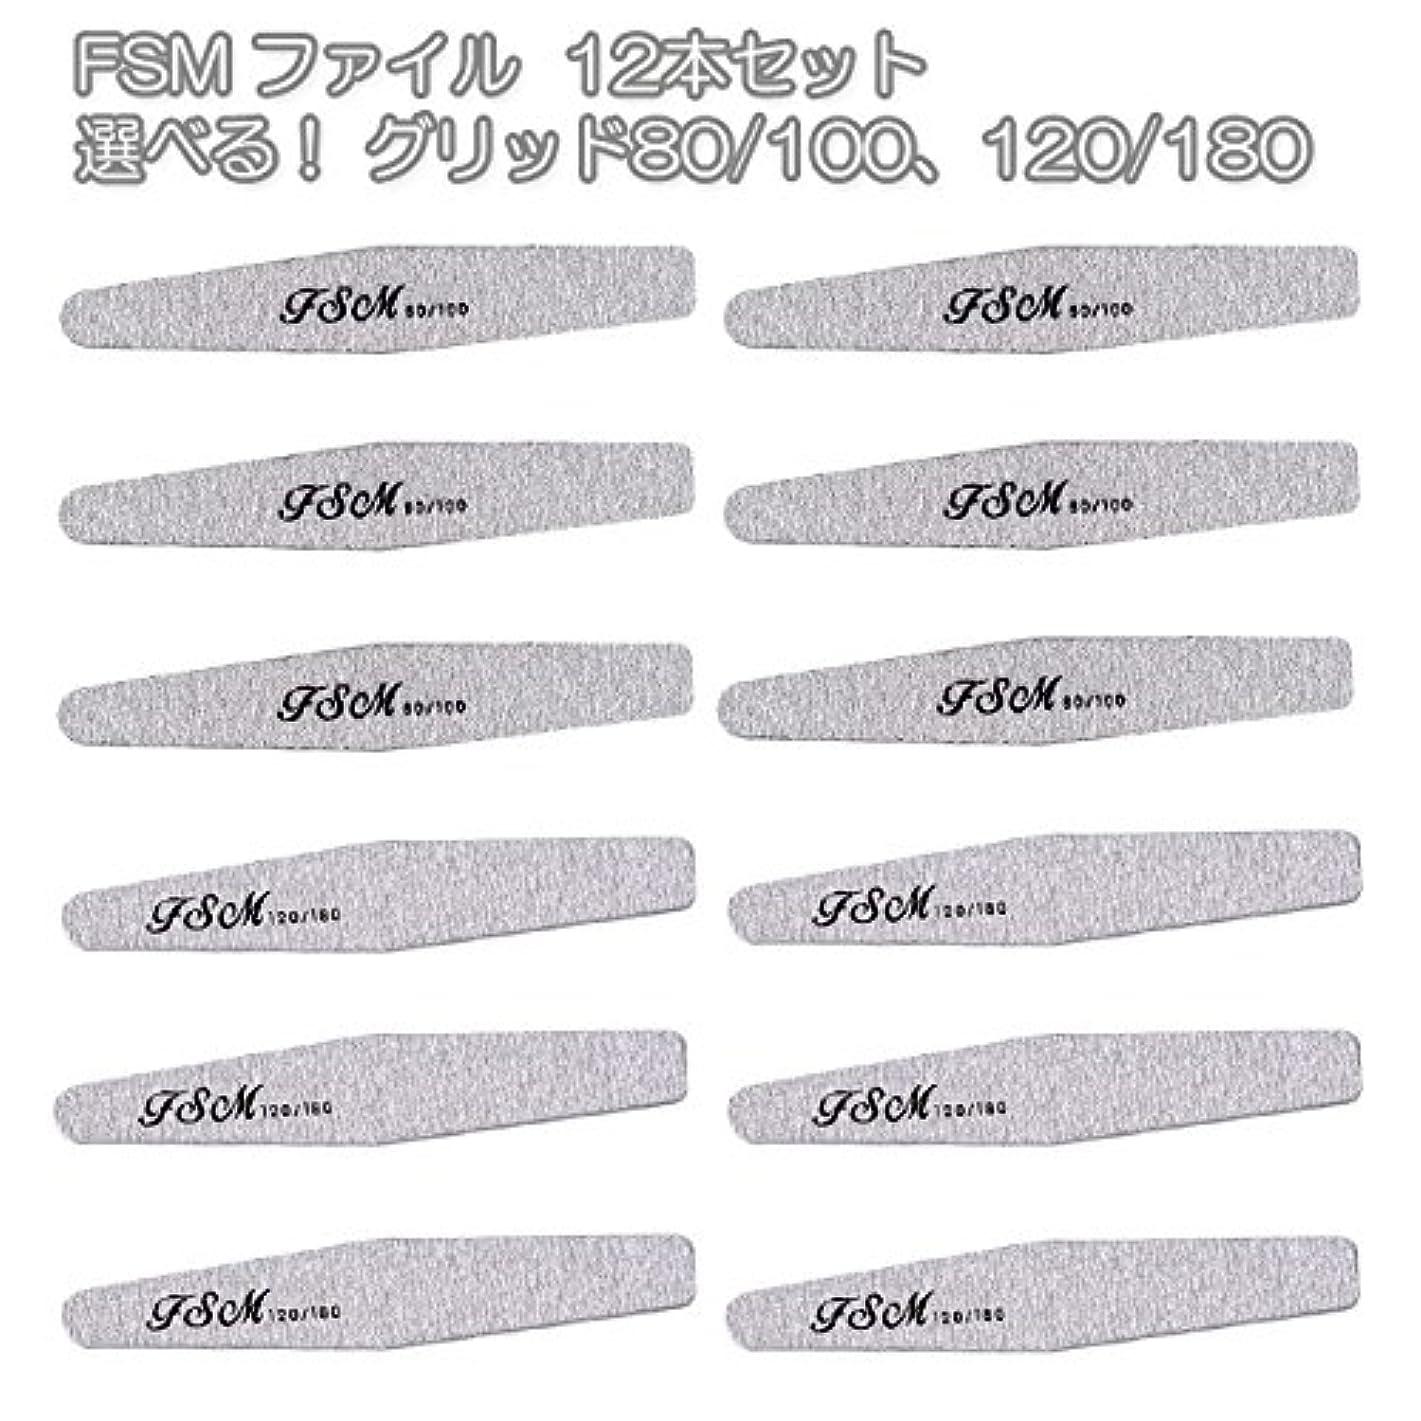 農学光沢長椅子FSM ネイルファイル/バッファー12本セット(選べる!グリッド80/100、120/180) (G80/100の12本)